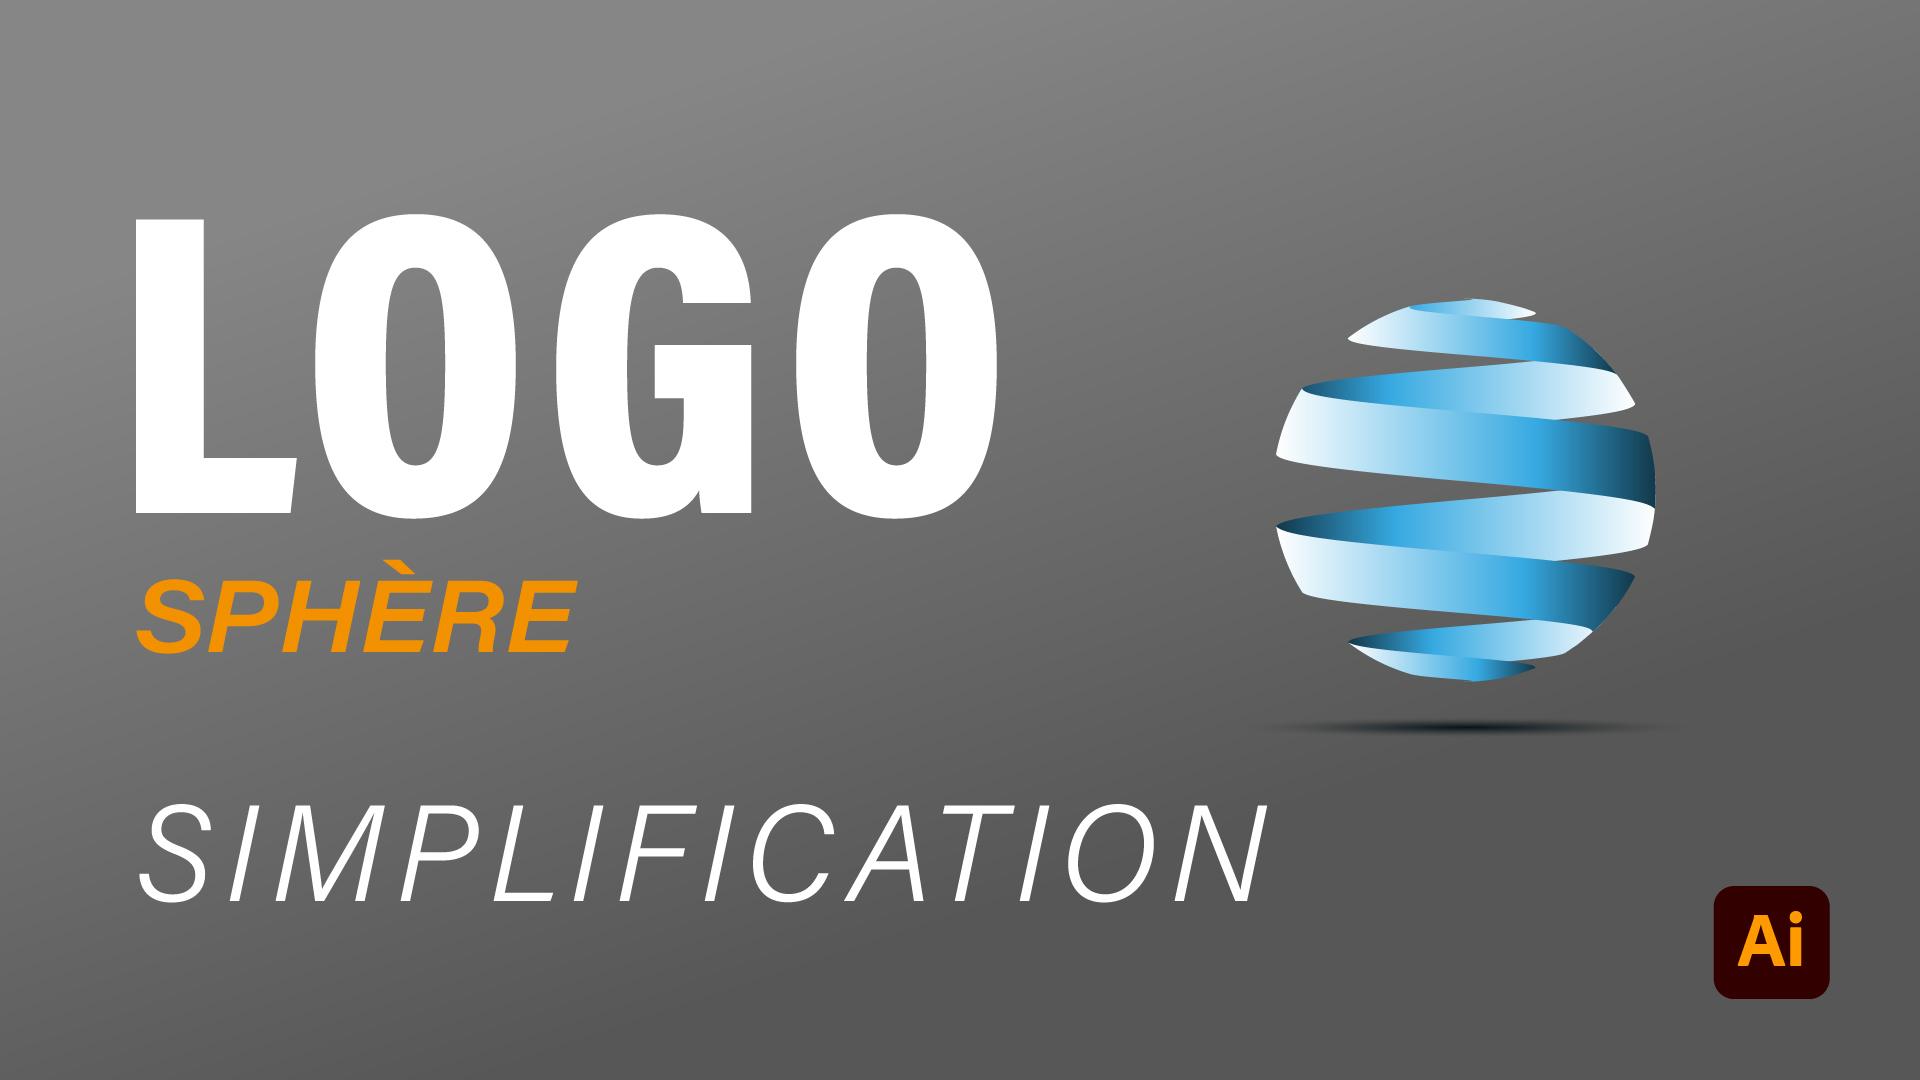 Comment faire un logo sphere 3D simplifié avec illustrator